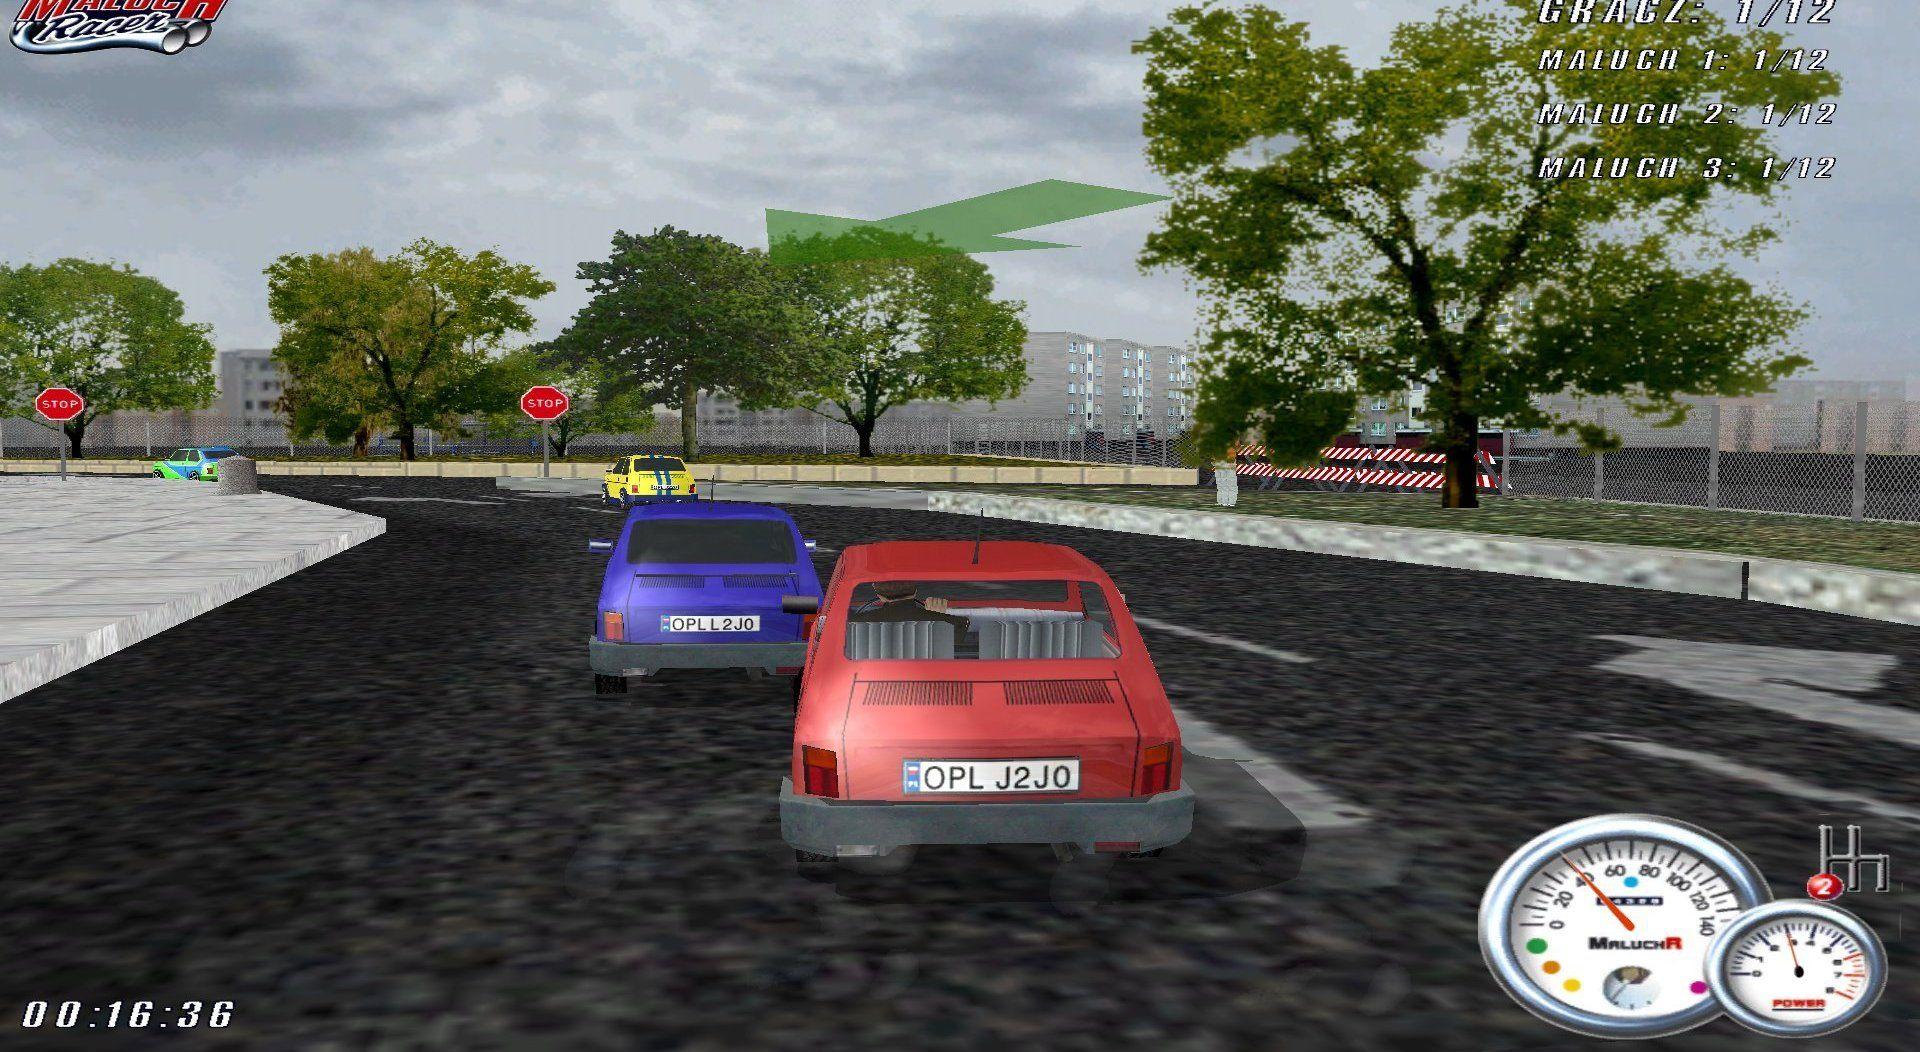 Maluch Racer